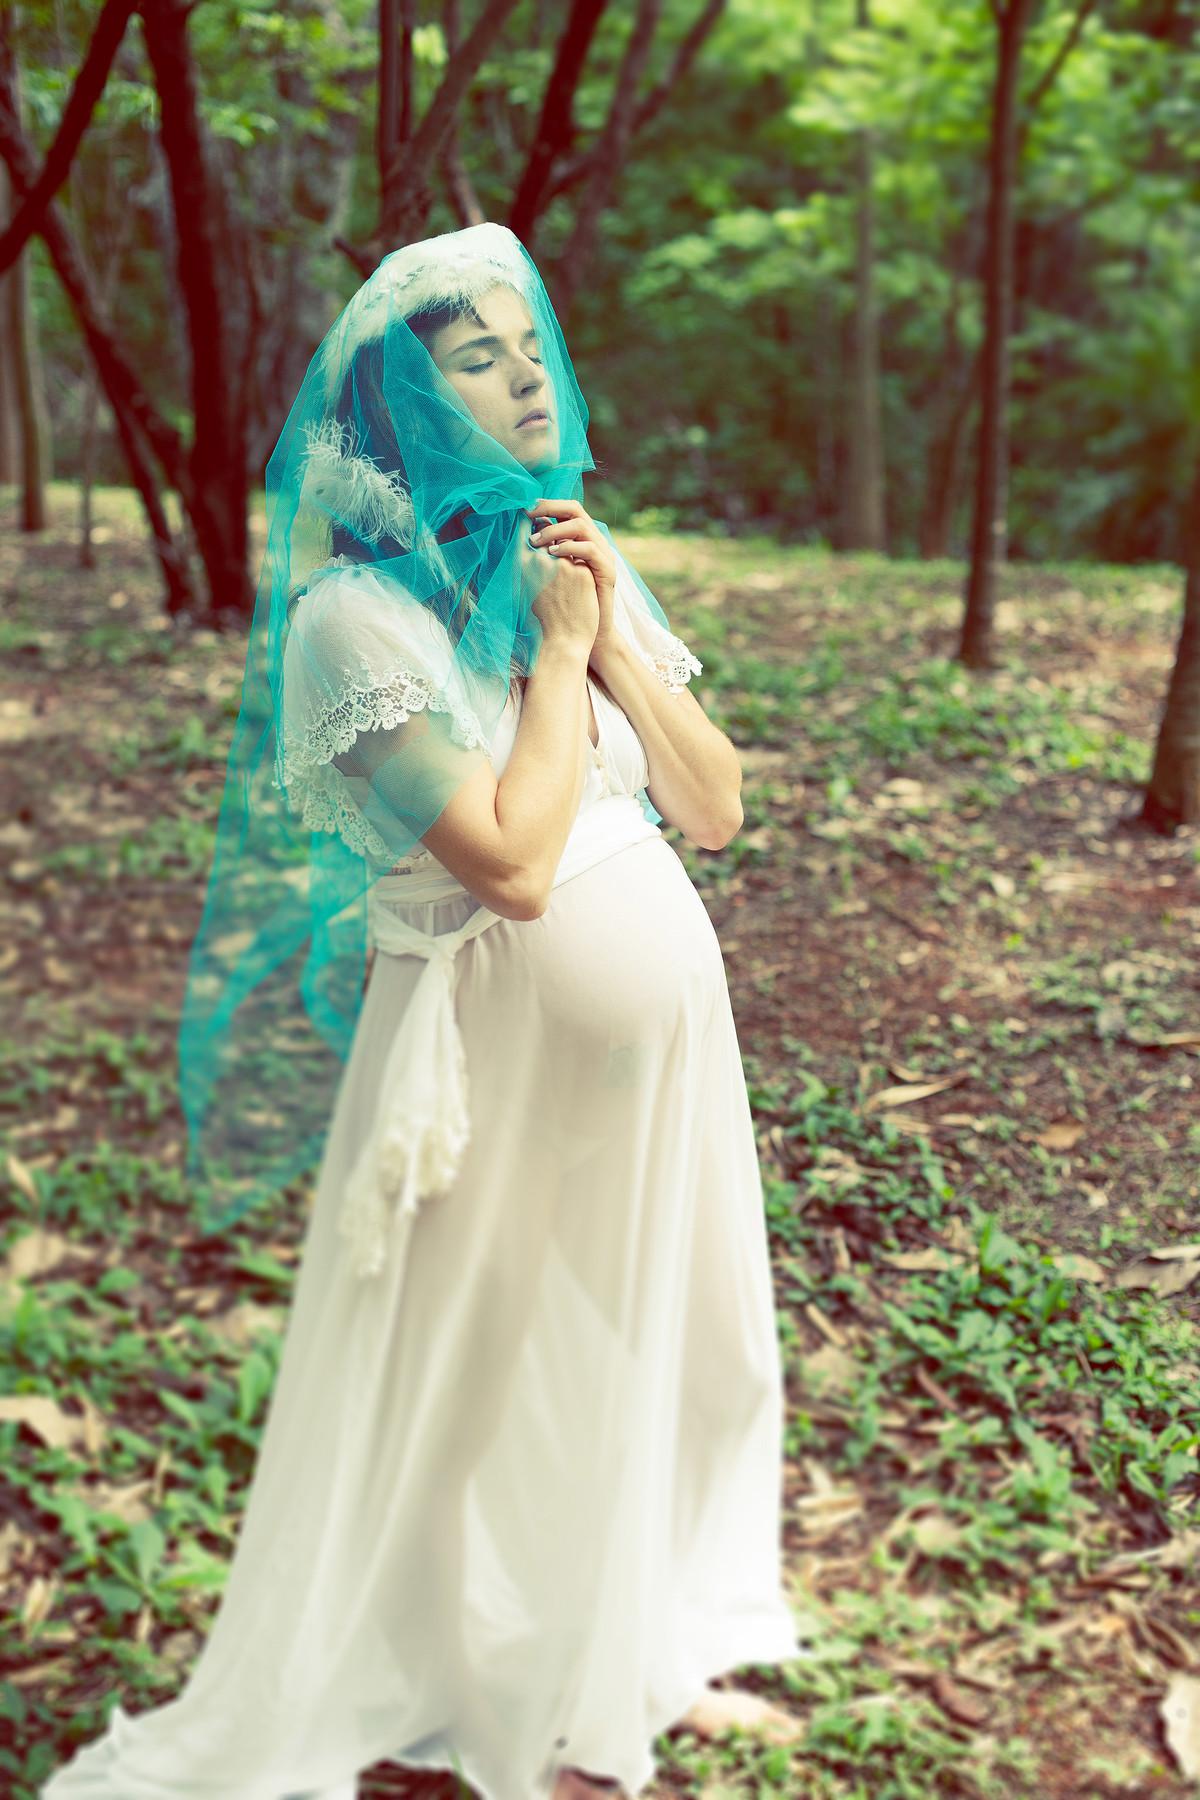 Grávida usando vestido branco posando para o fotógrafo Rafael Ohana em Brasília